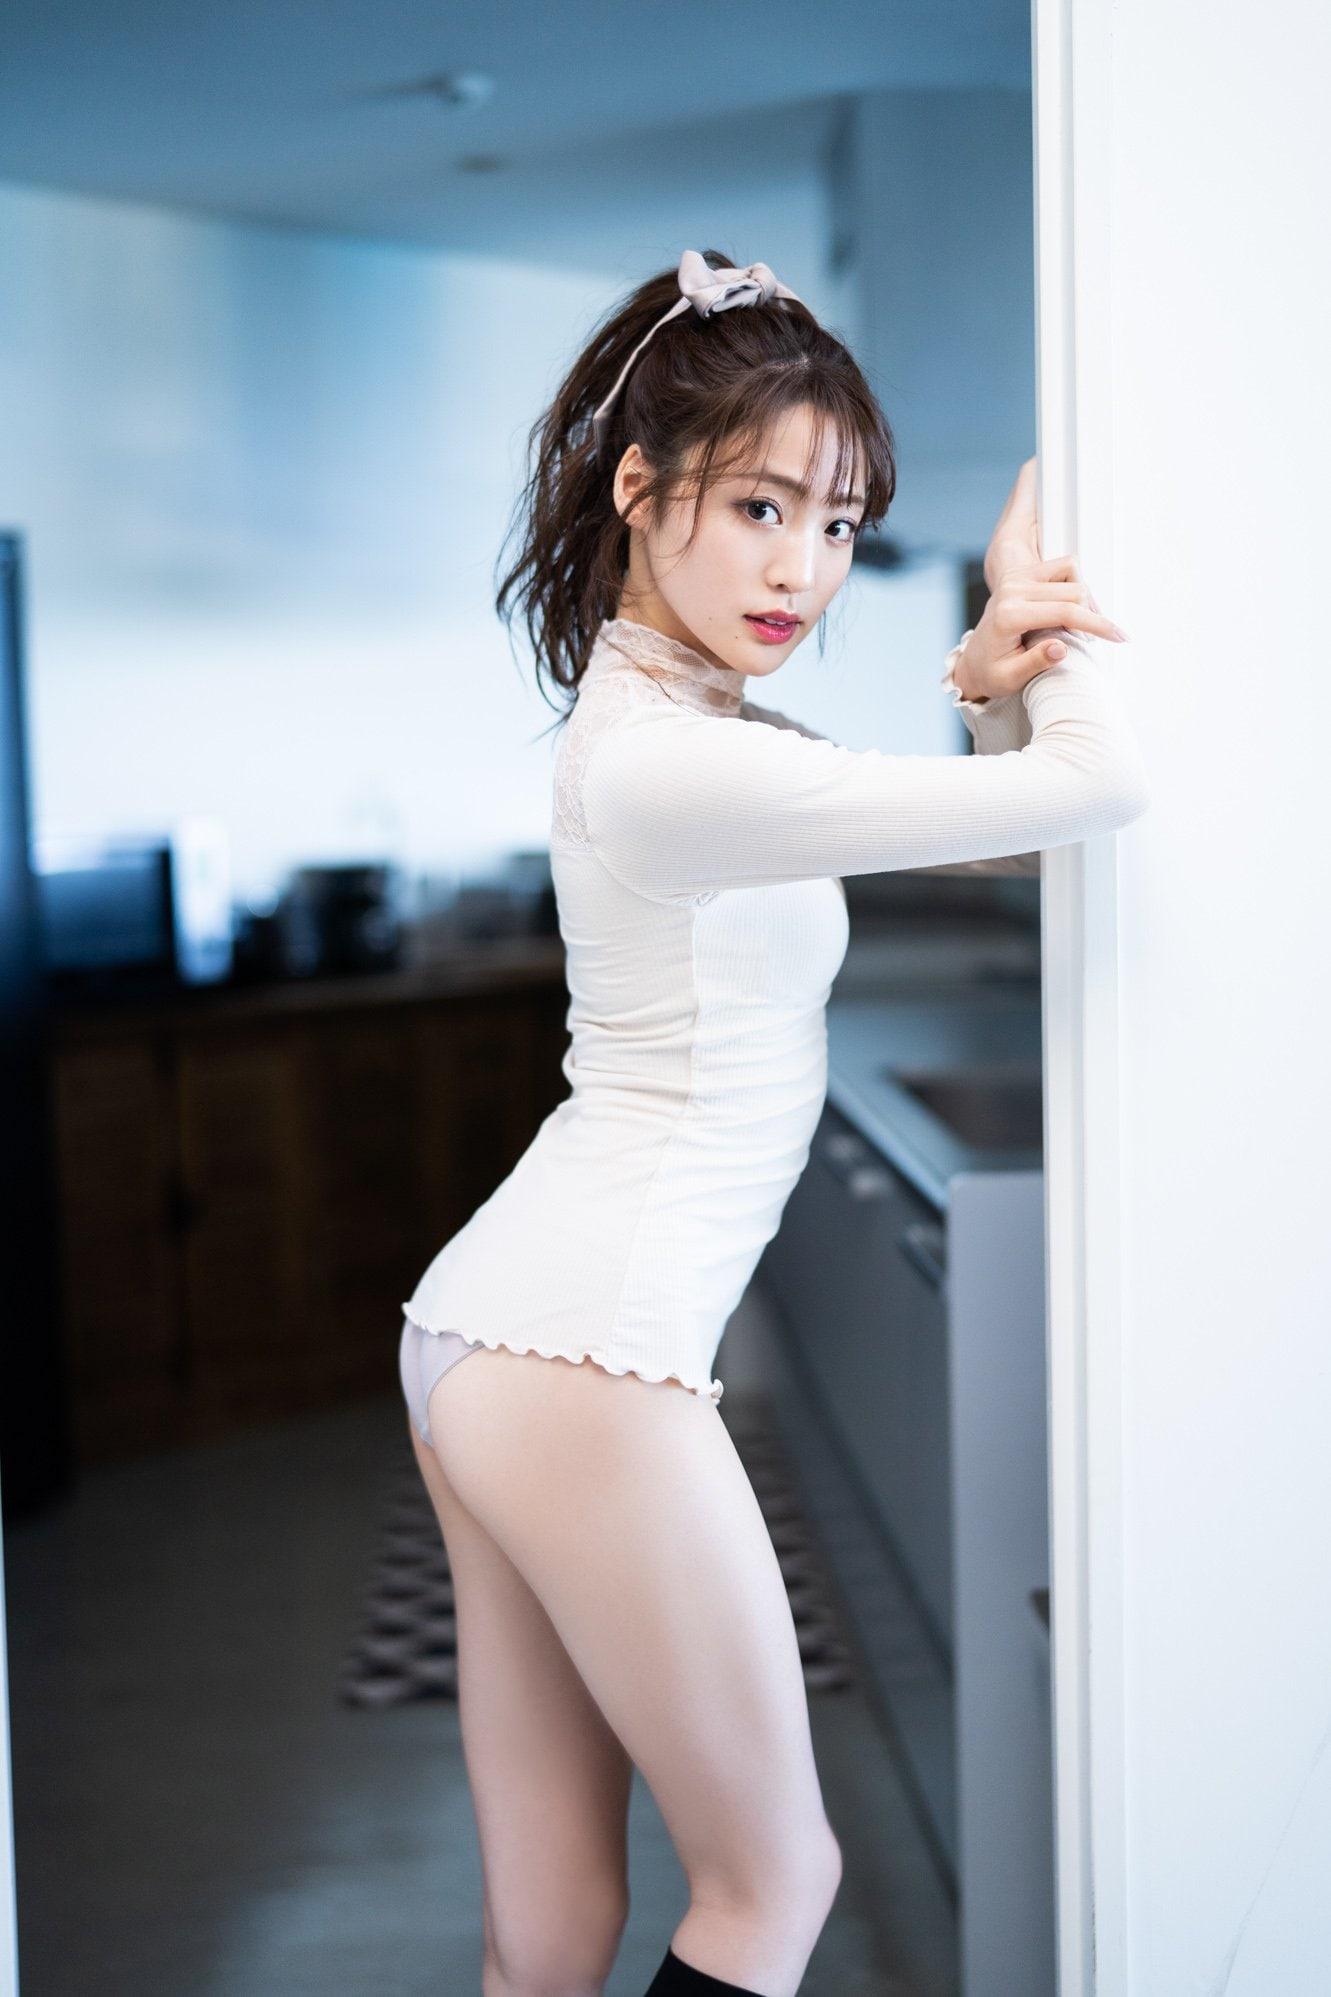 元「夢みるアドレセンス」志田友美が写真集でセクシーなボディを大公開!【画像10枚】の画像004